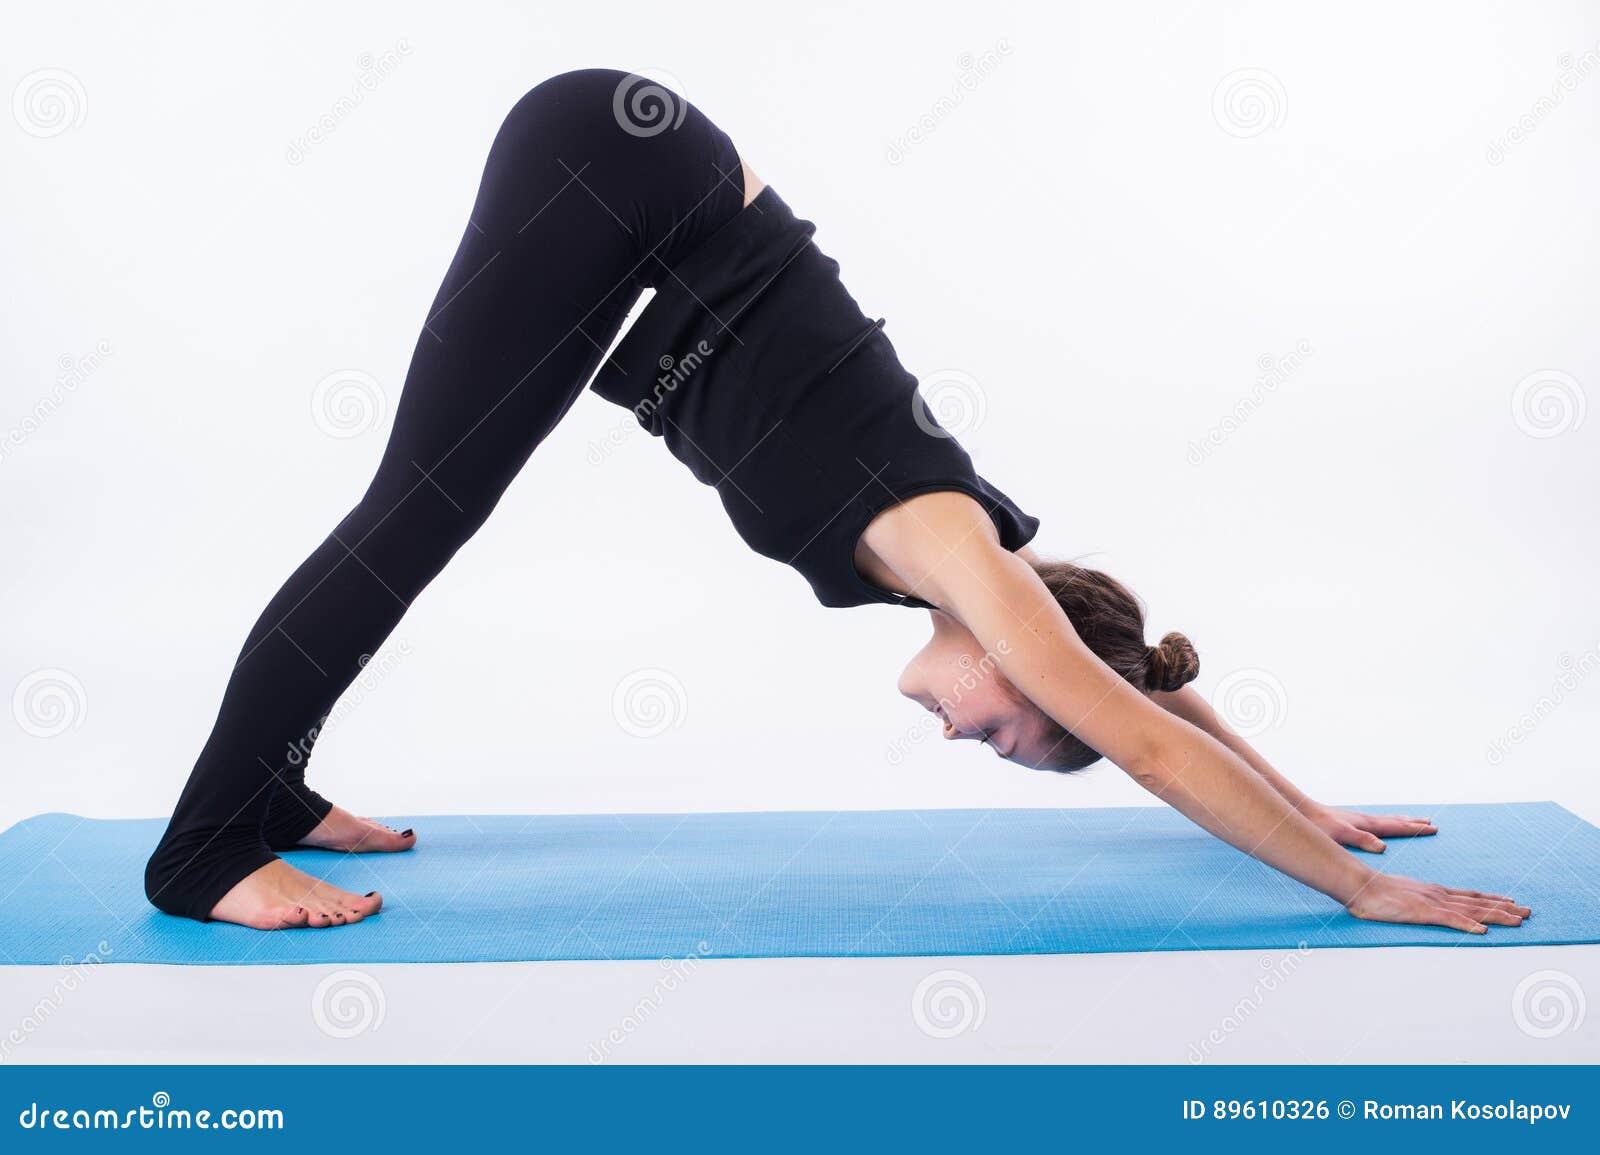 Beautiful sporty fit yogini woman practices yoga asana adhomukha svanasana - downward facing dog pose isolated on white